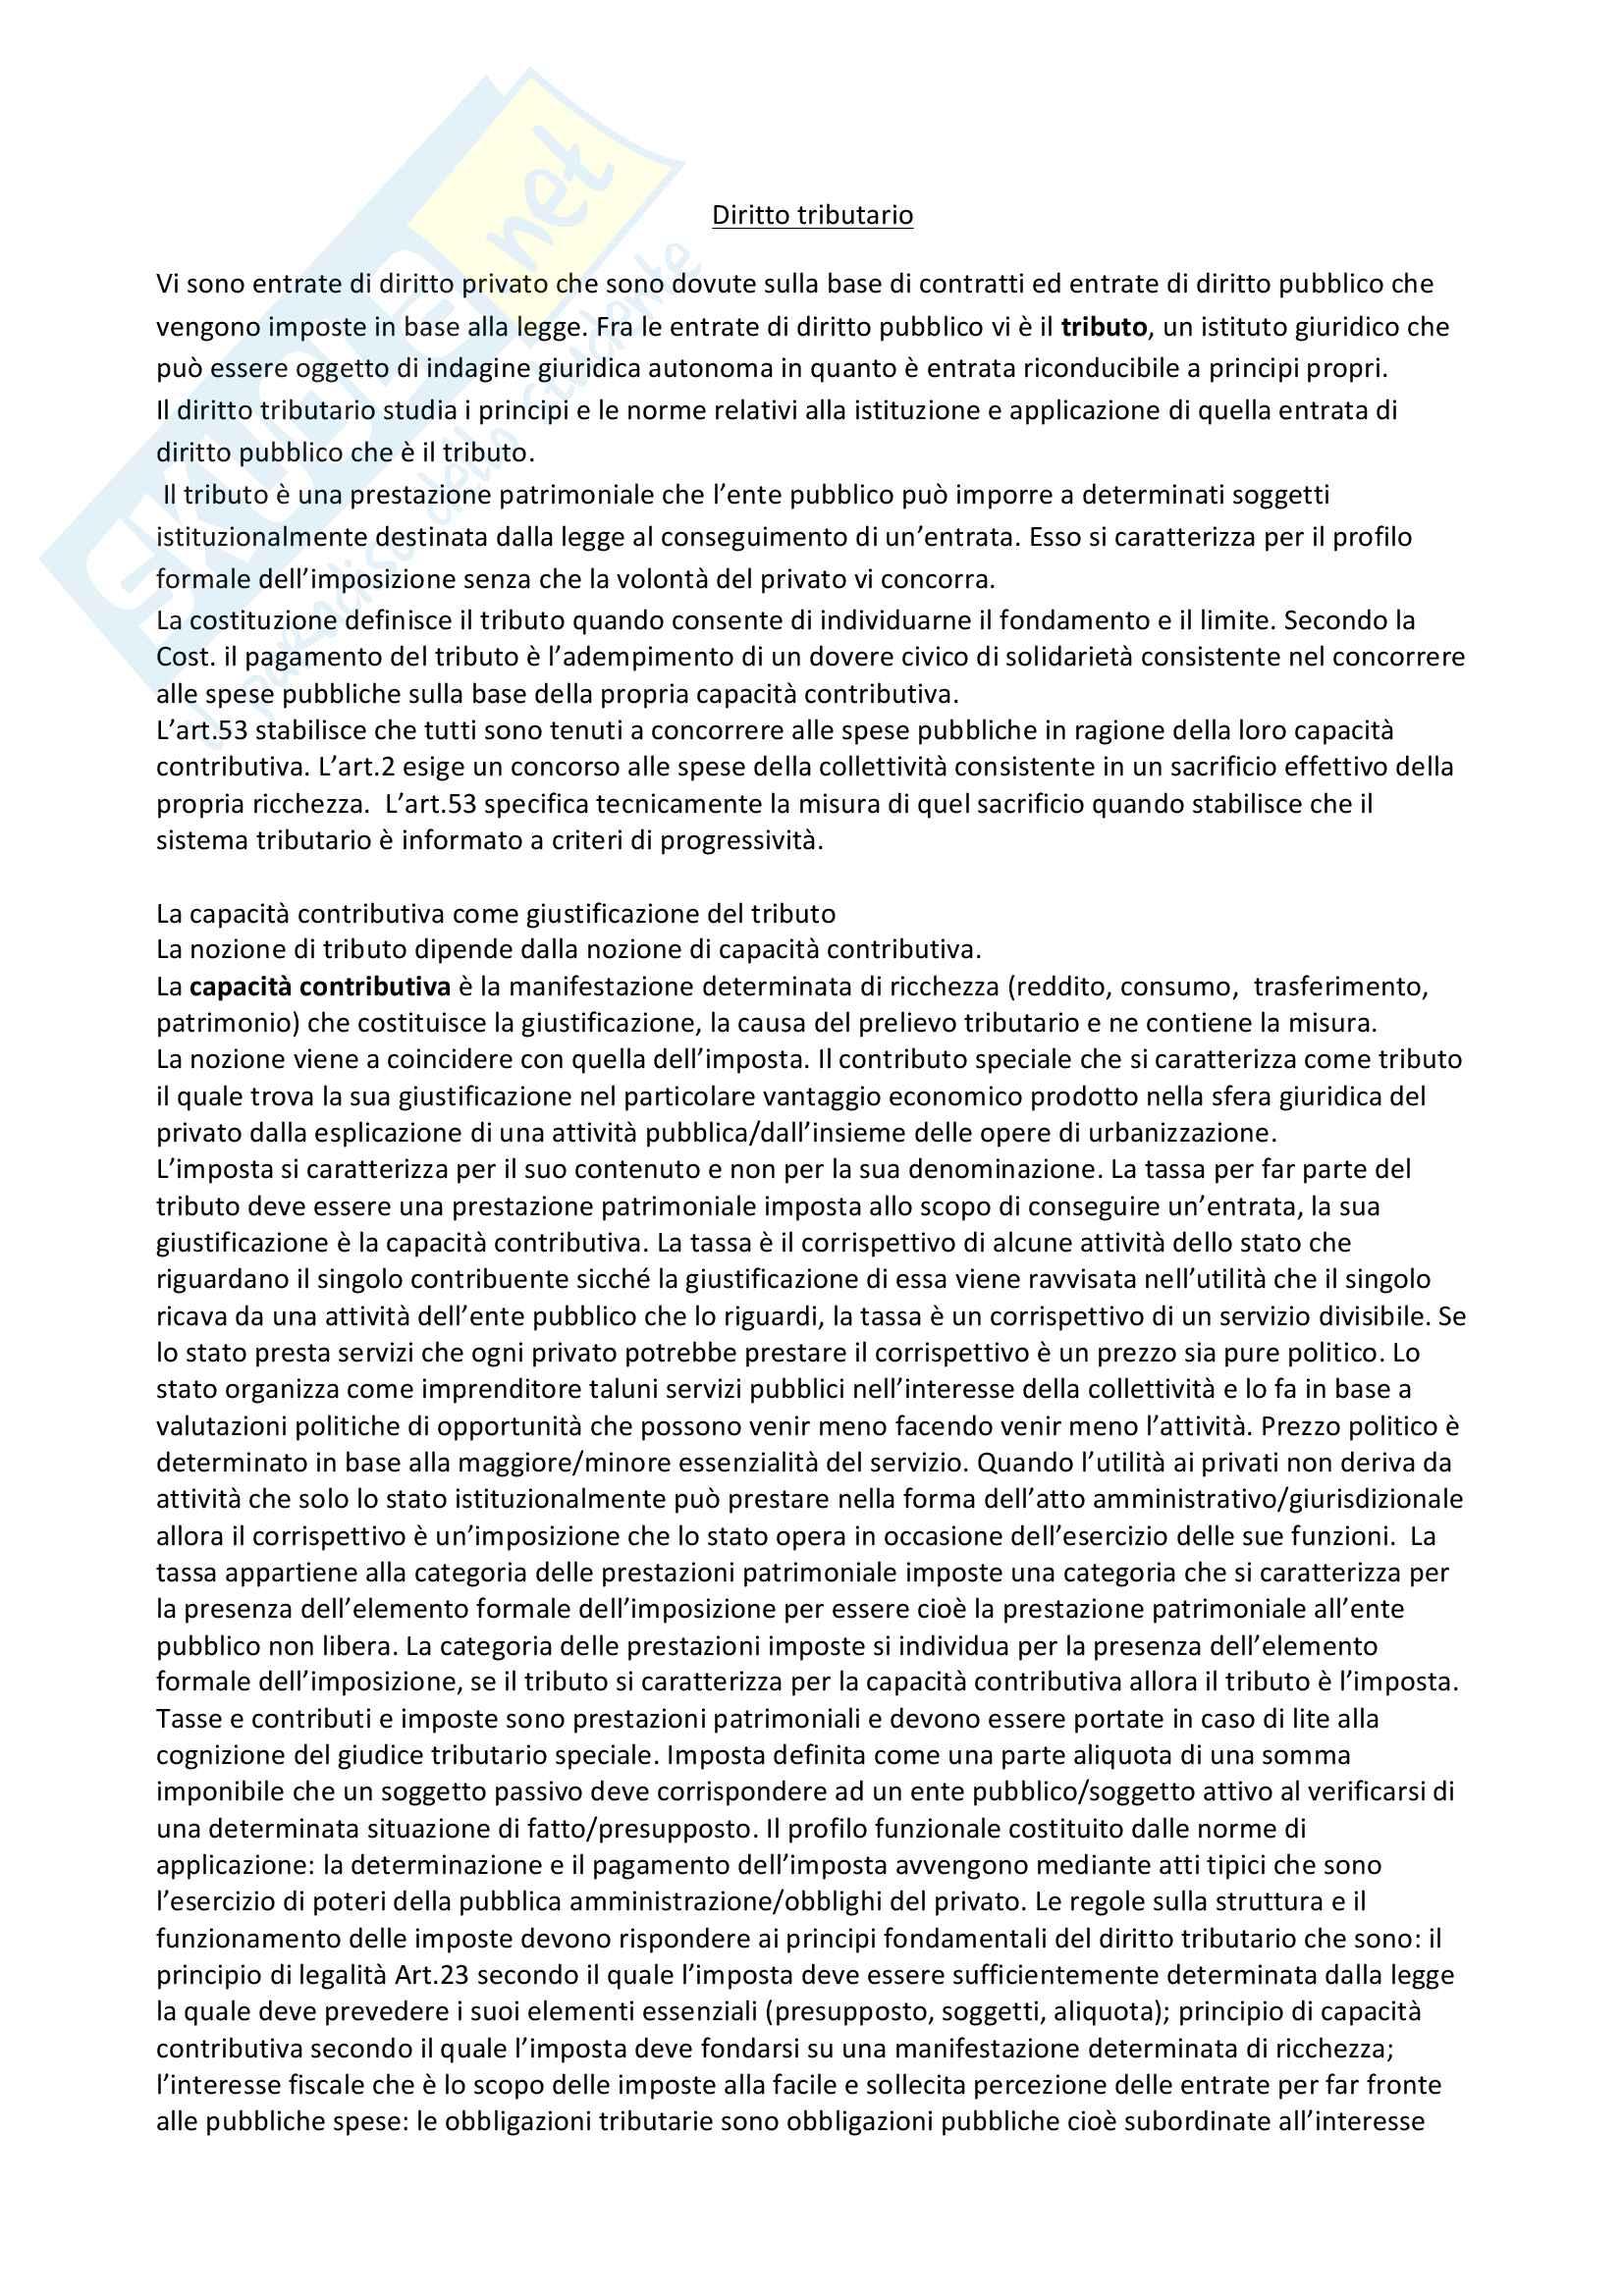 Diritto tributario - Logozzo